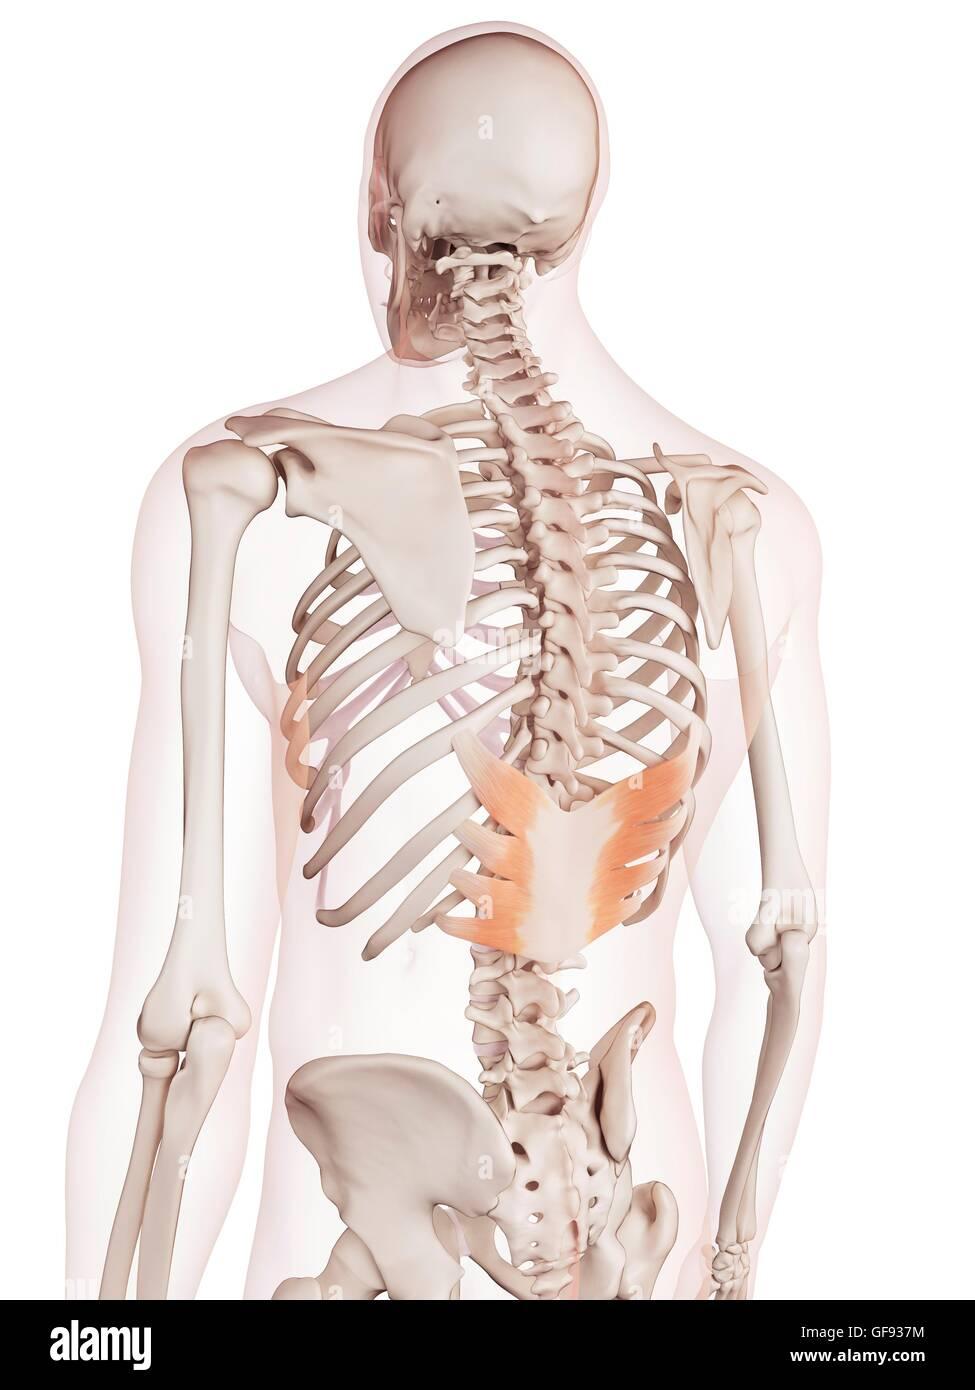 Ausgezeichnet Menschliche Rückenmuskulatur Diagramm Bilder ...